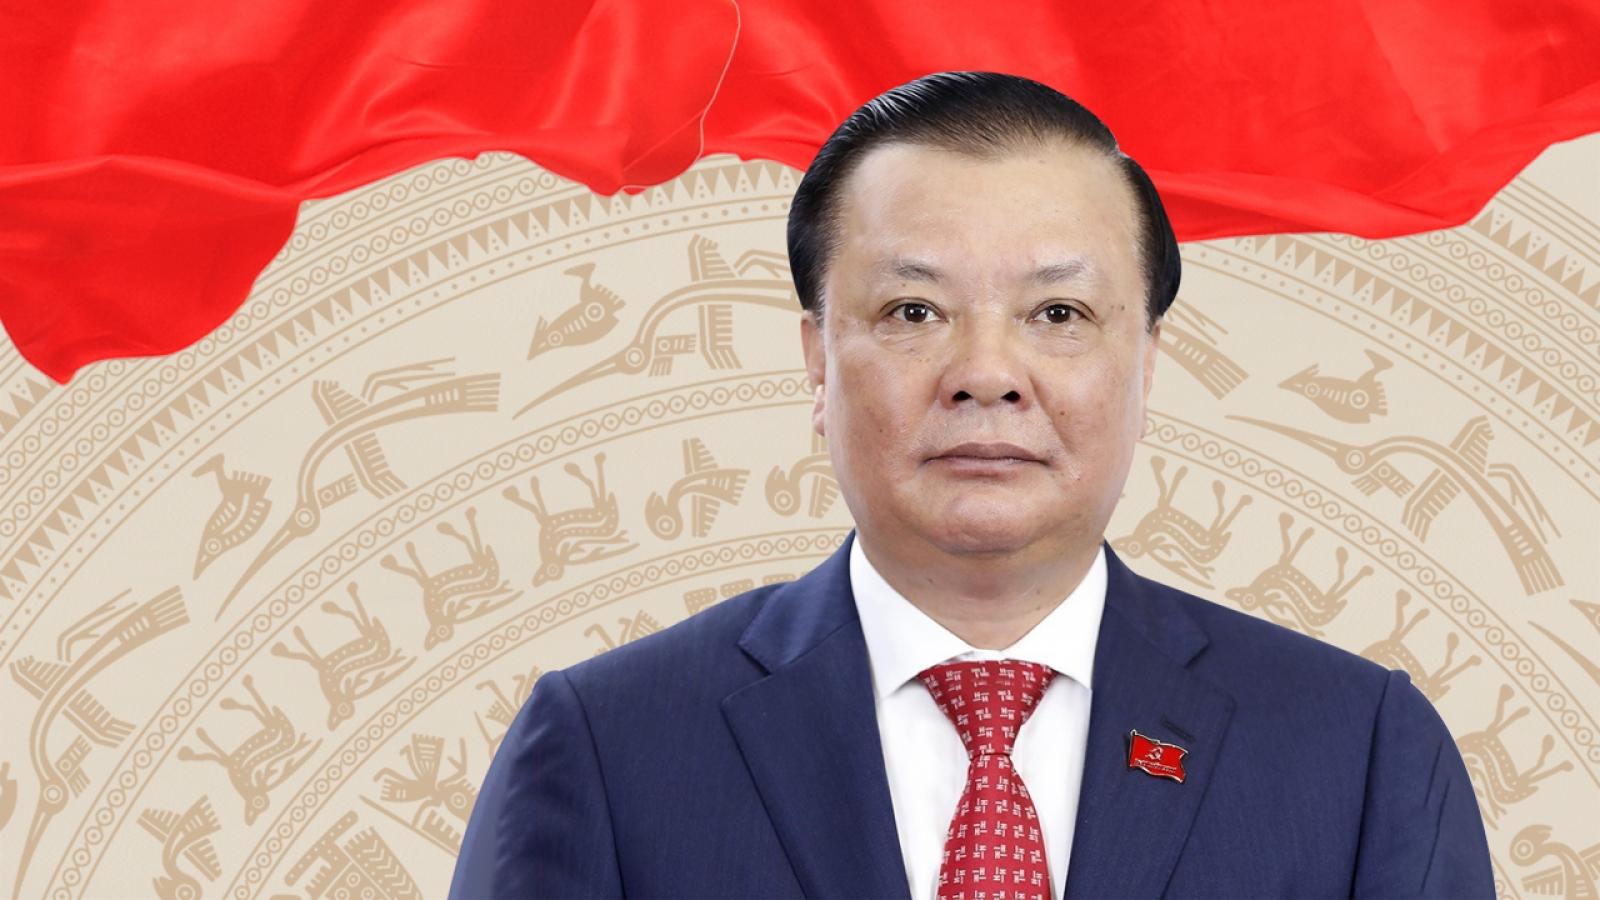 Bí thư Thành uỷ Hà Nội Đinh Tiến Dũng được giới thiệu ứng cử đại biểu Quốc hội khoá 15